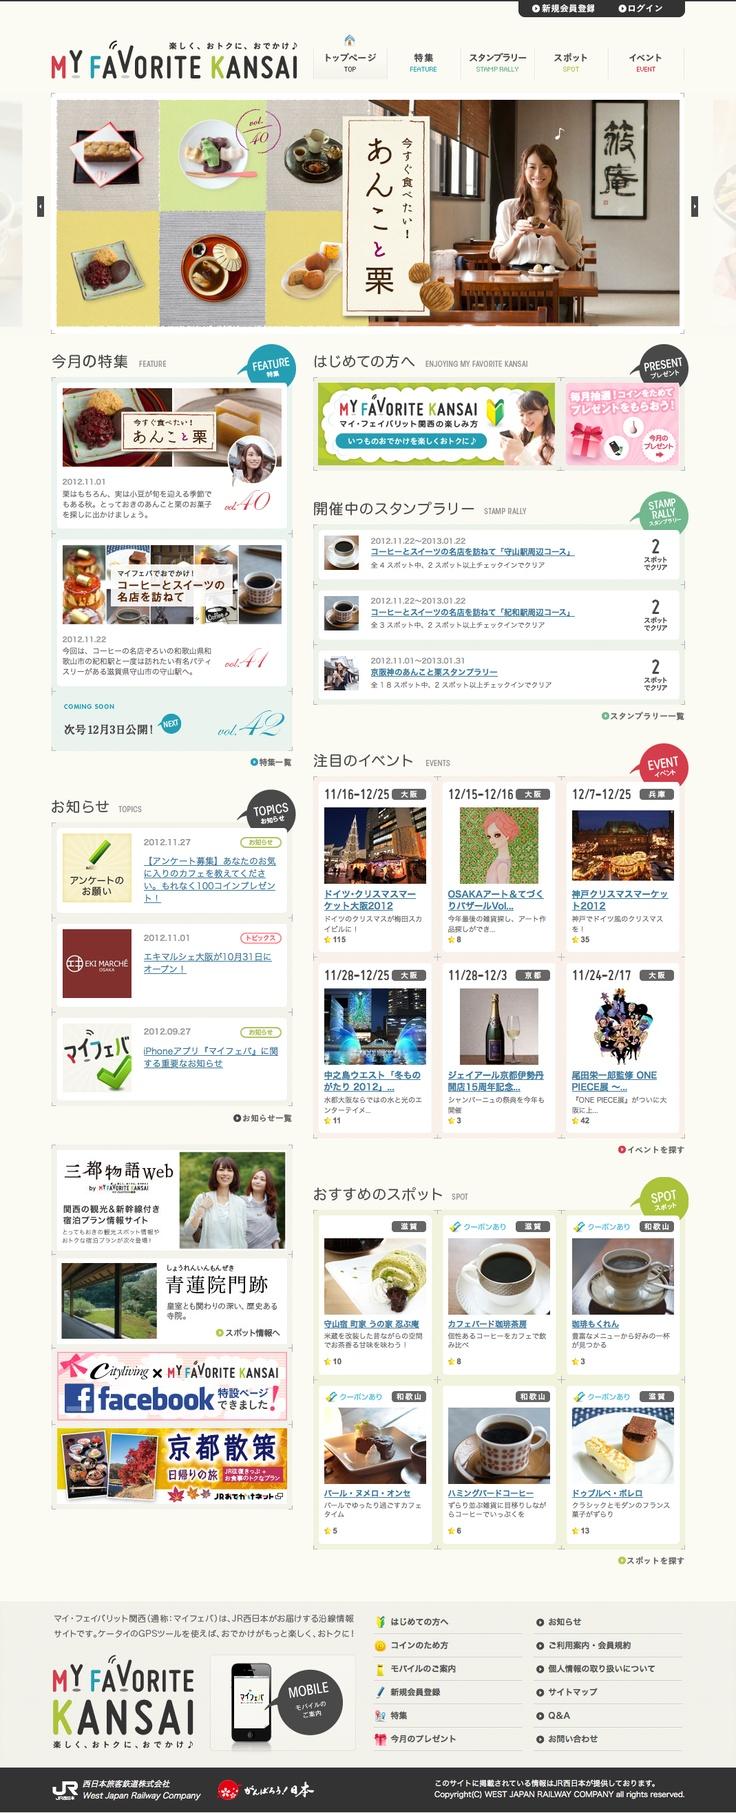 マイフェバ    関西のおトクで楽しいおでかけ情報サイト マイ・フェイバリット関西(マイフェバ)  http://www.my-fav.jp/    capture 2012.11.27